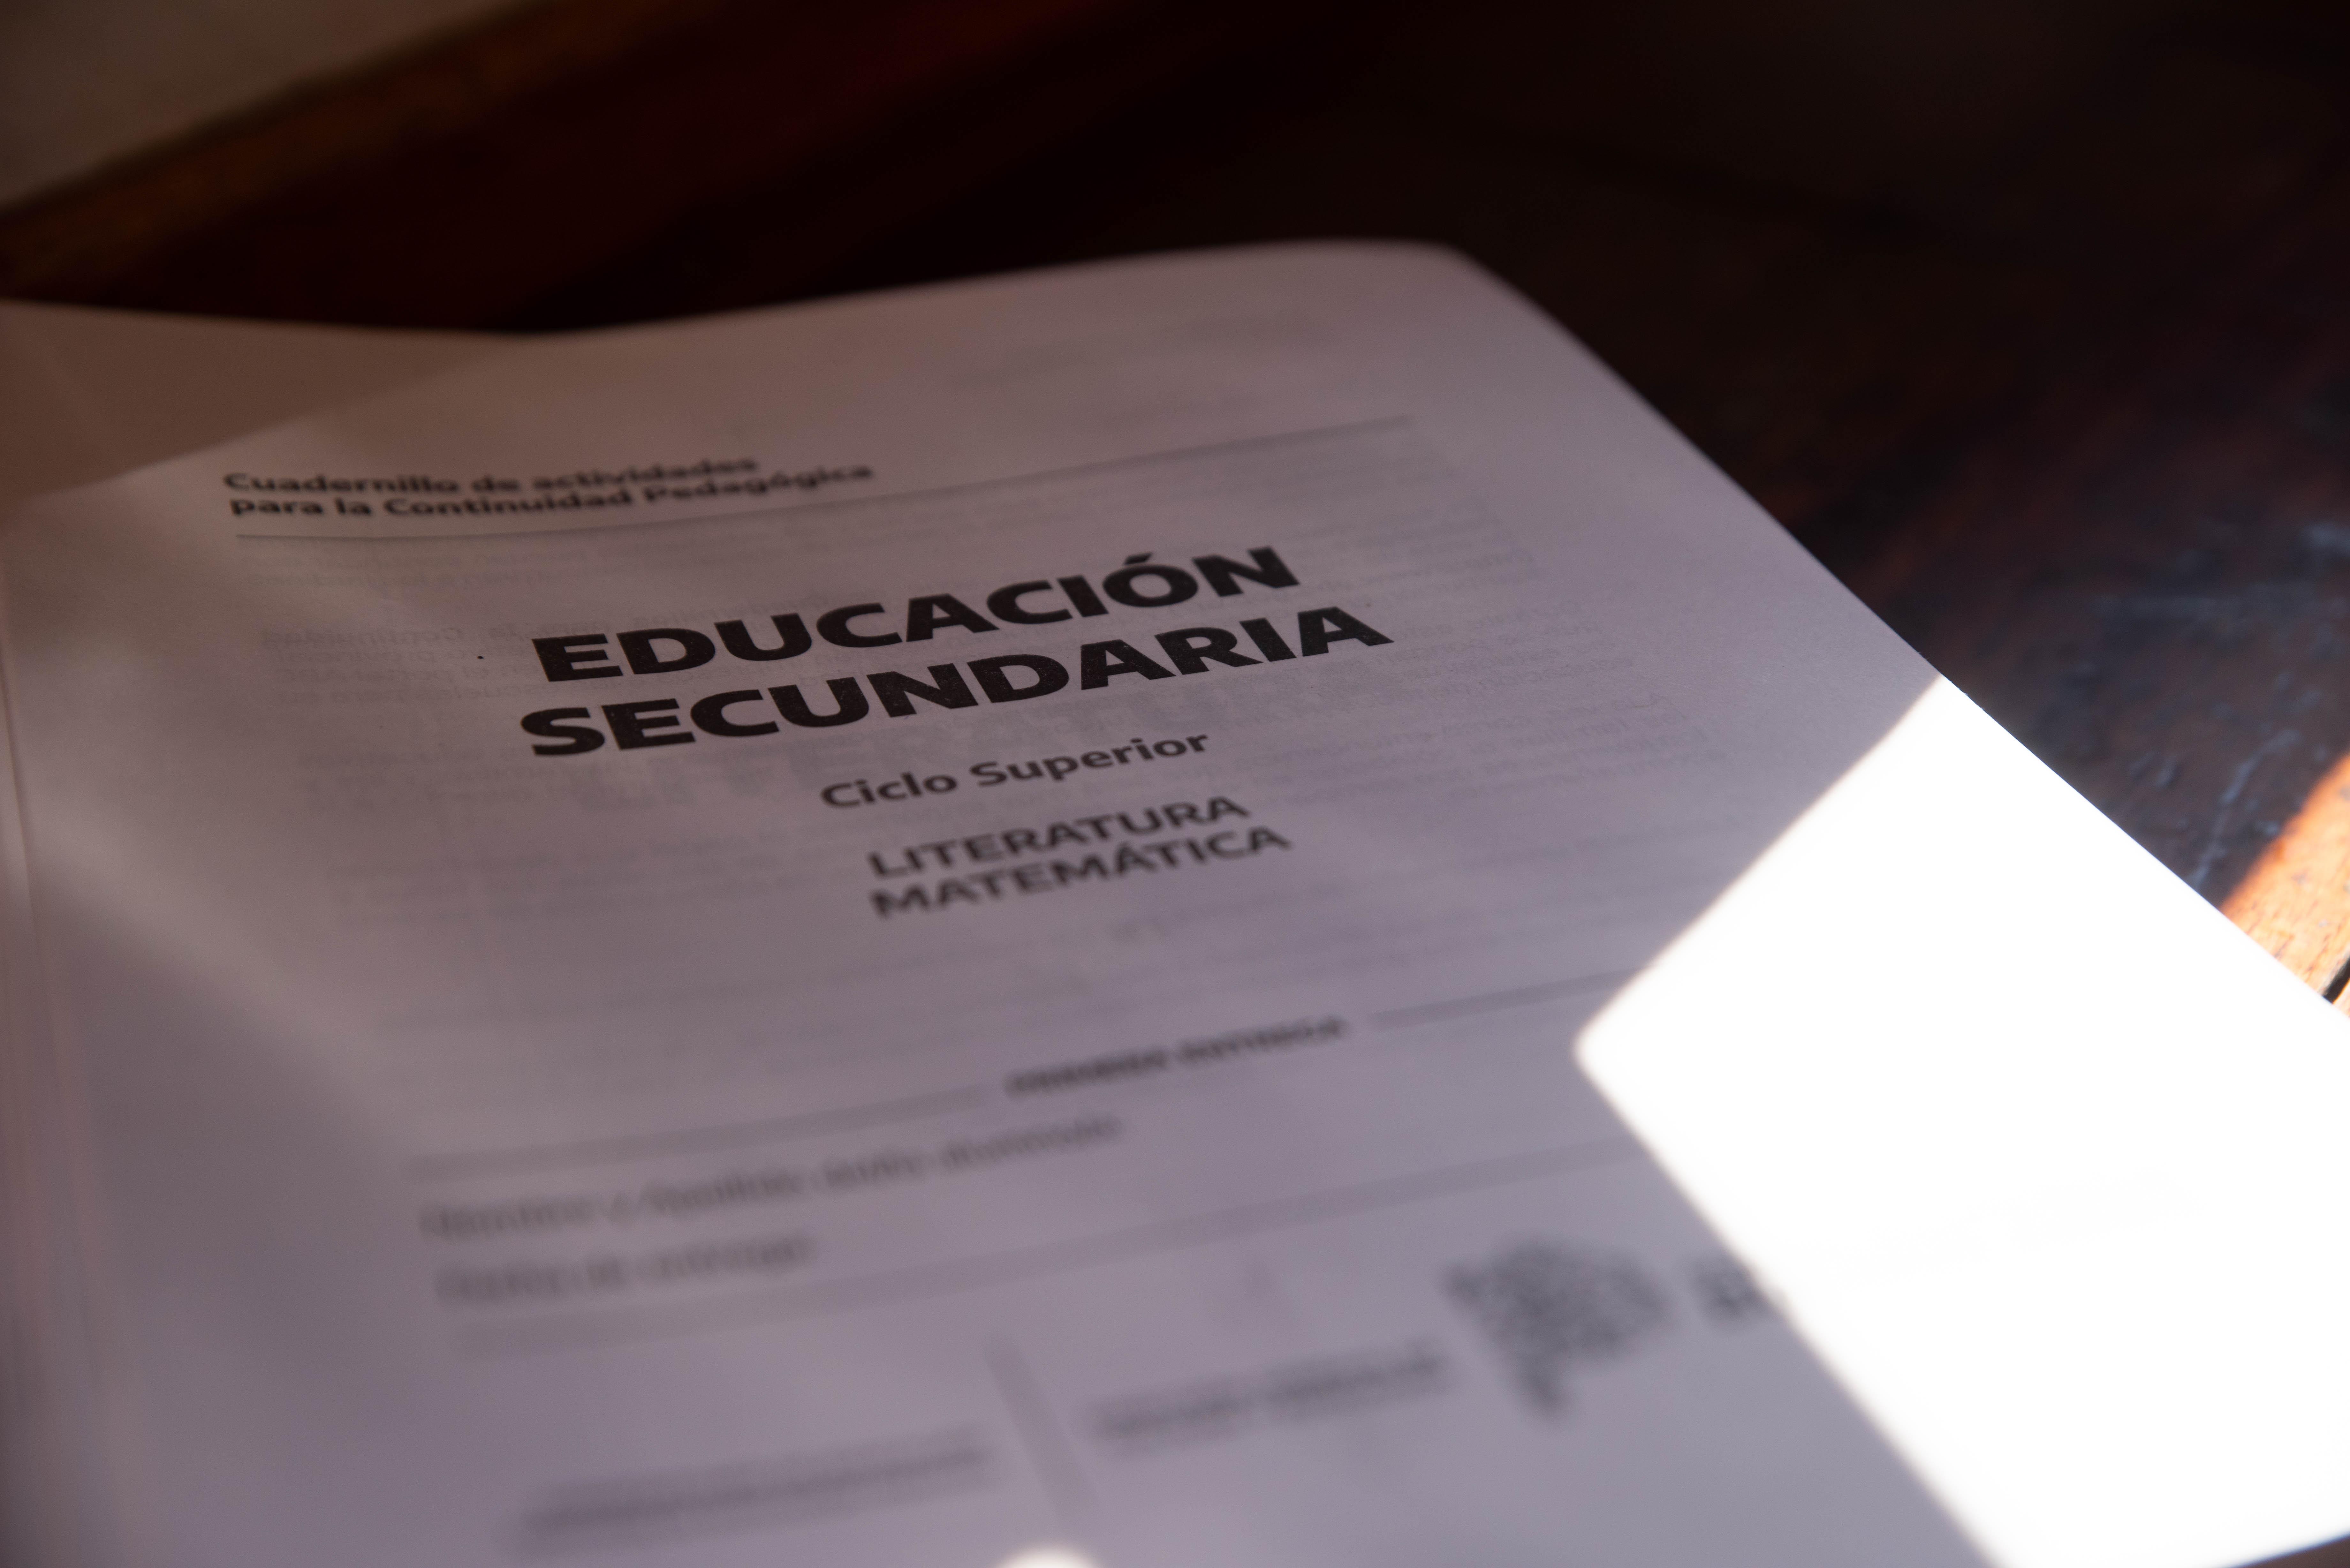 El gobierno entregó un cuadernillo con actividades de las materias Matemática y Prácticas del Lenguaje para los chicos de 4°, 5° y 6° año de las escuelas secundarias.